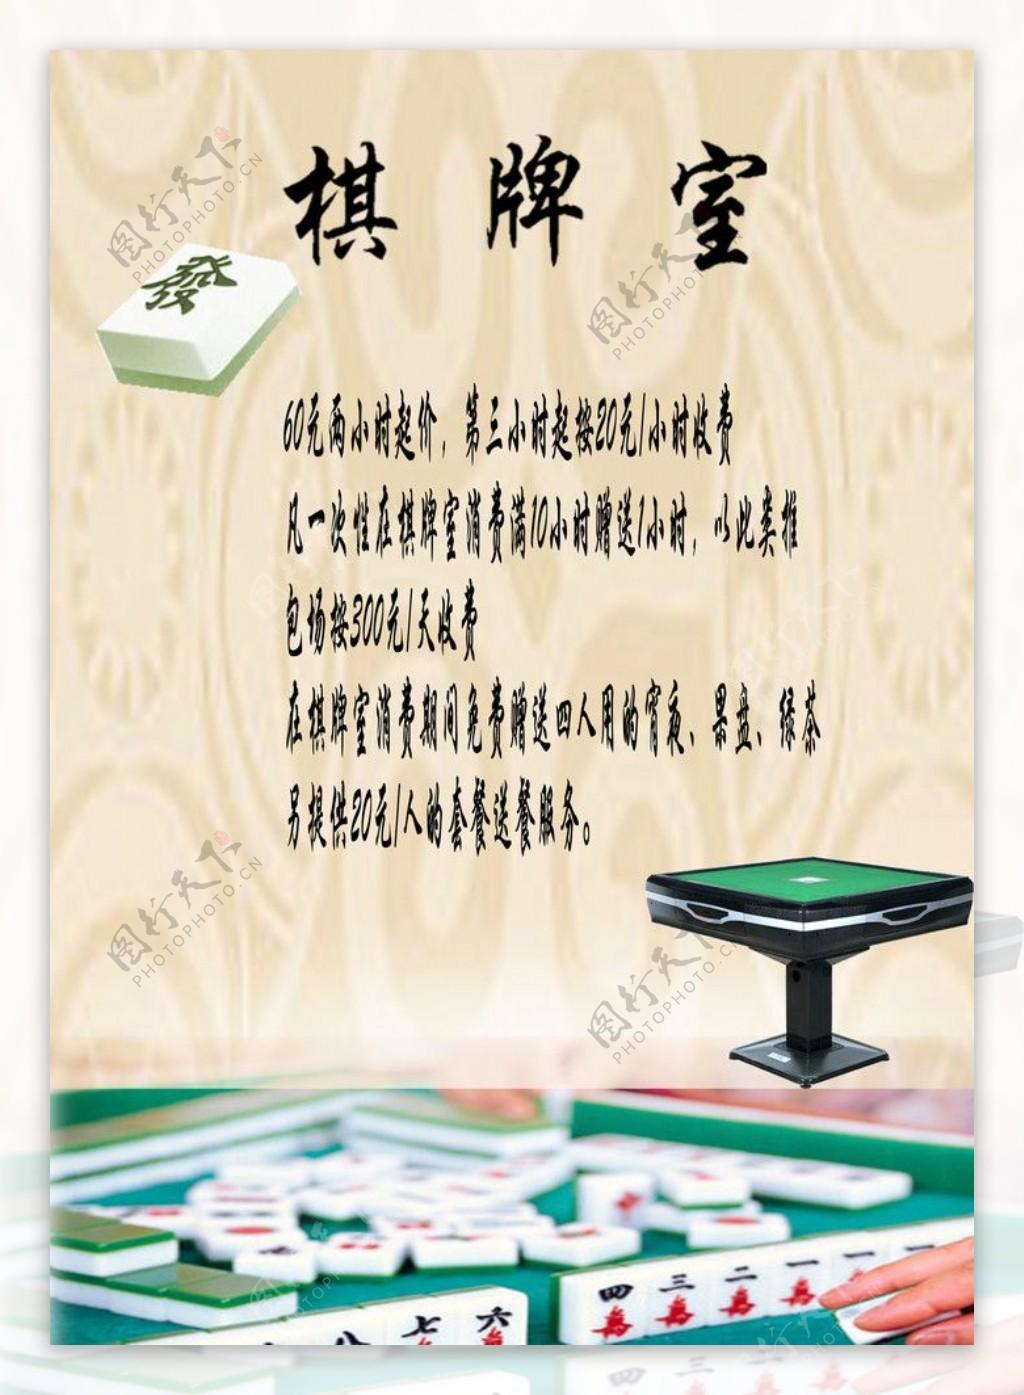 棋牌室图片